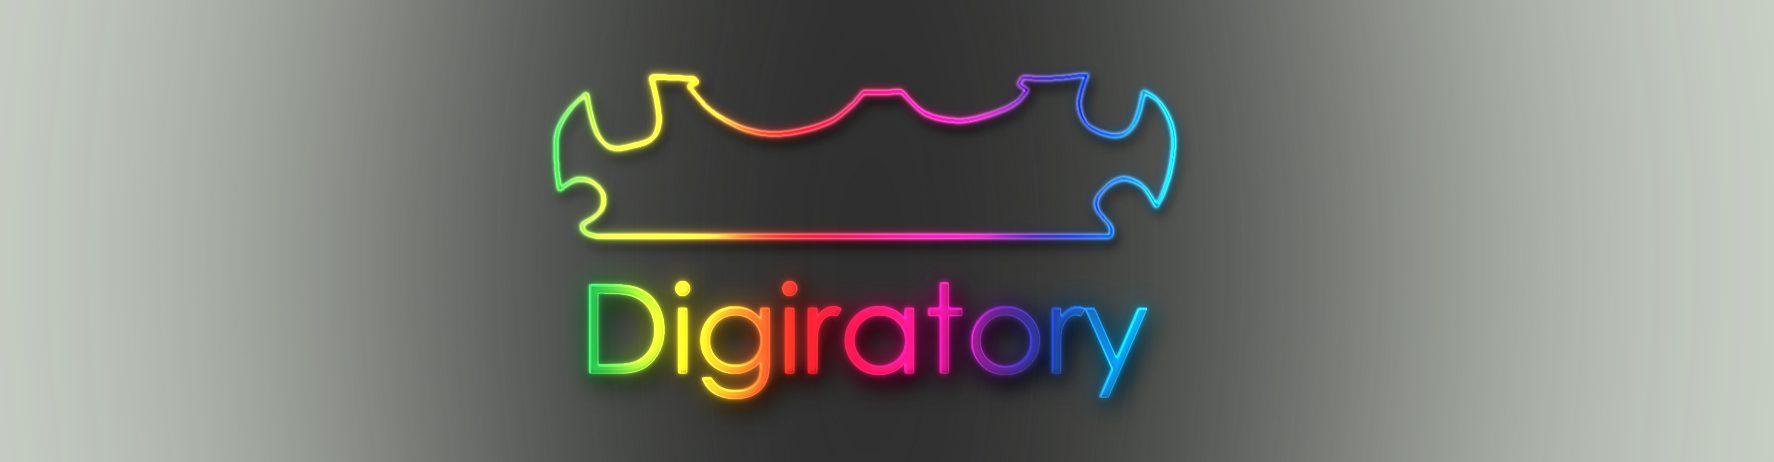 Digiratory